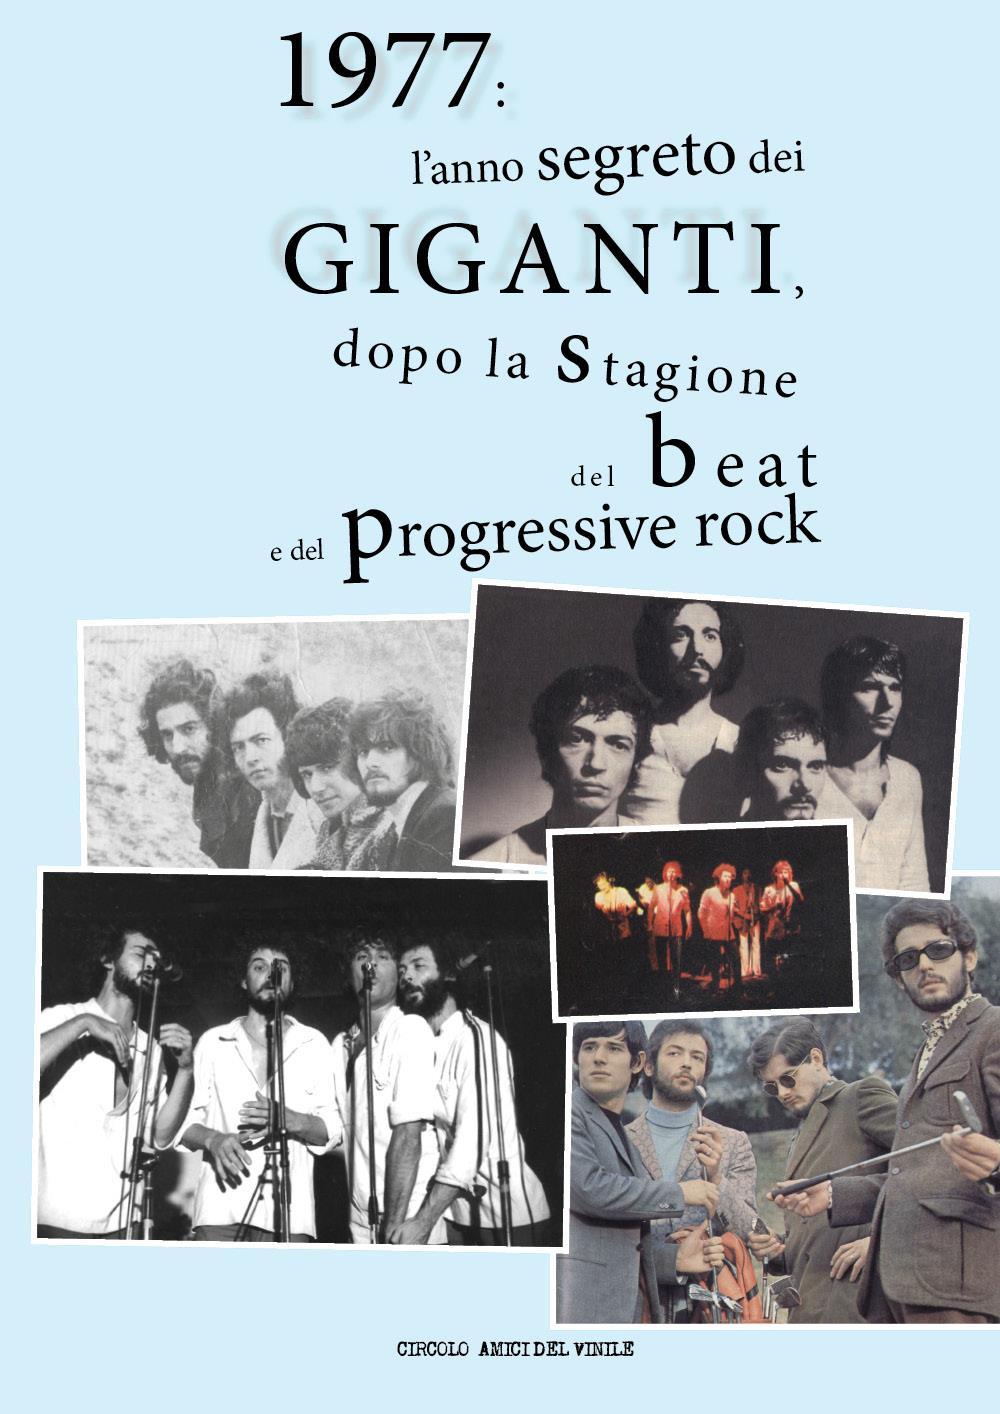 1977: l'anno segreto dei GIGANTI, dopo la stagione del beat e del progressive rock